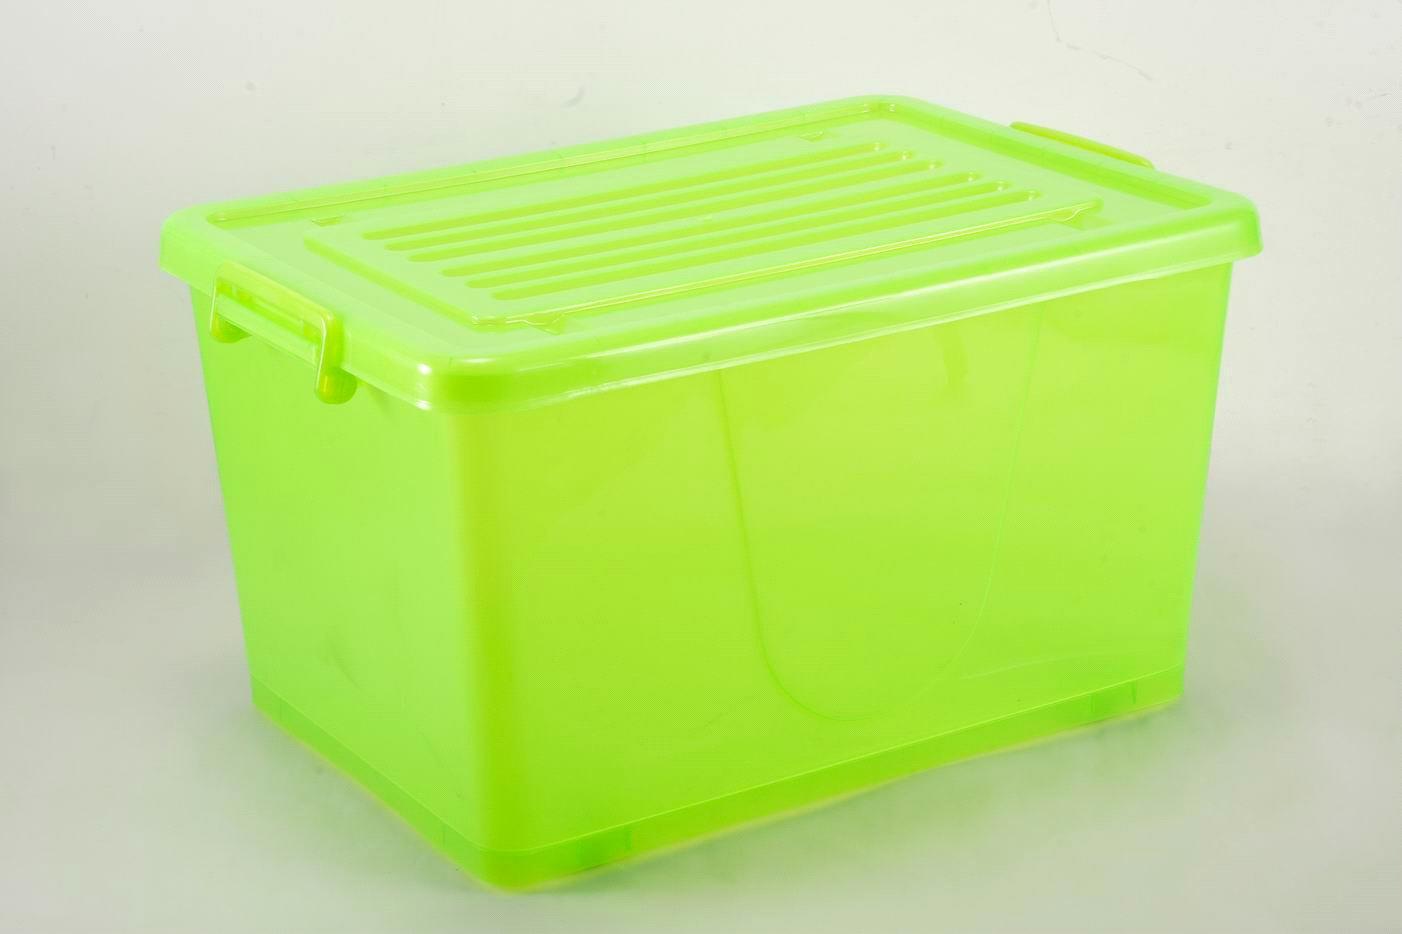 Hito plastic storage box & Hito plastic storage box purchasing souring agent | ECVV.com ...